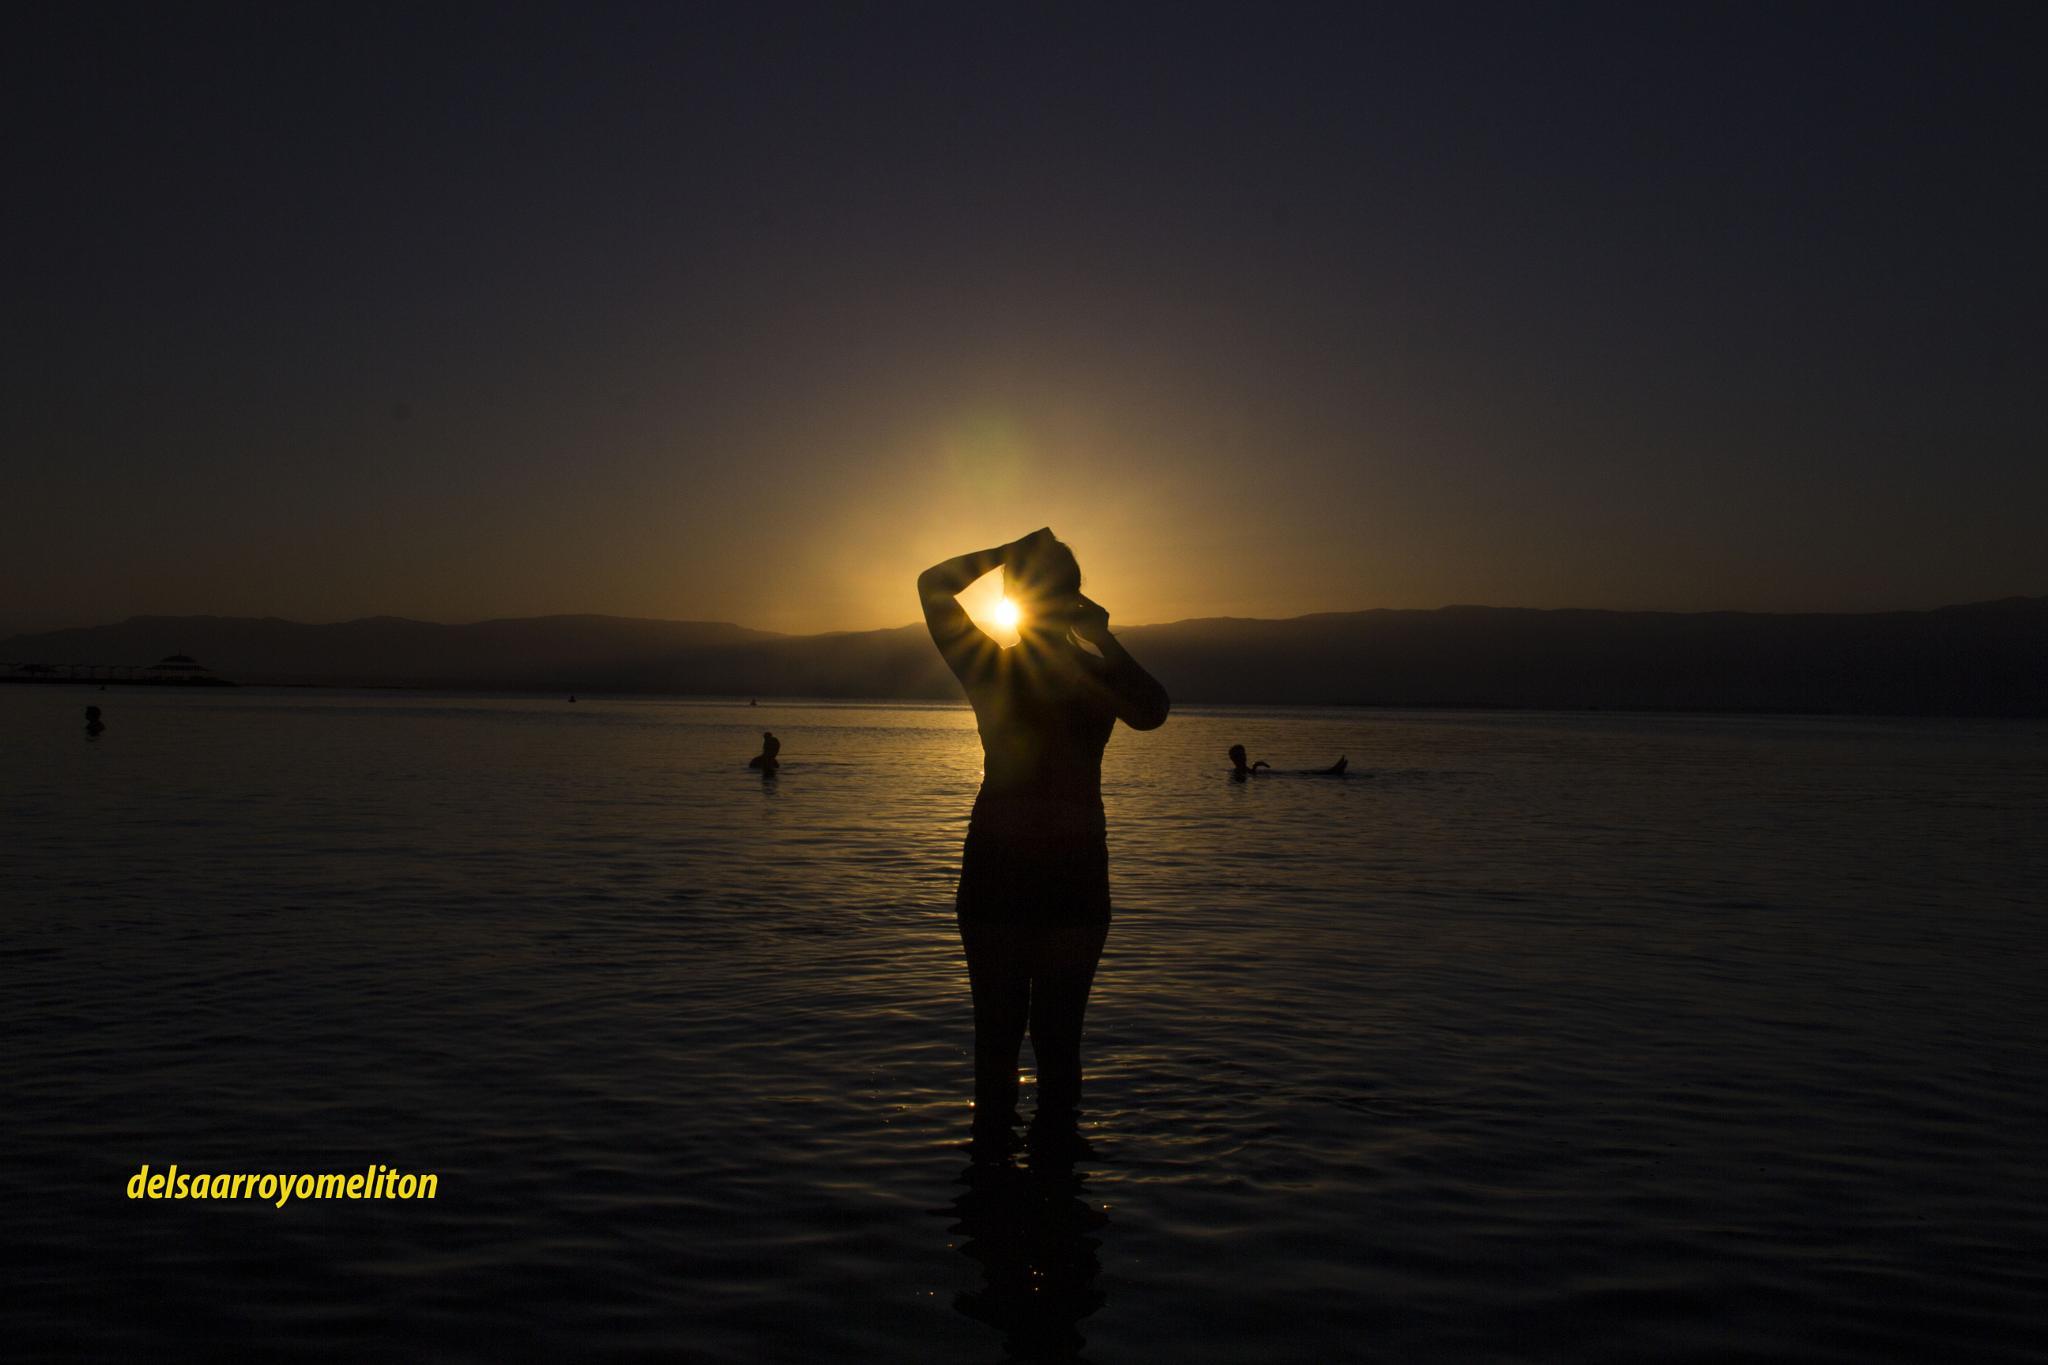 sunrise in DEADSEA... by delsa.arroyomeliton